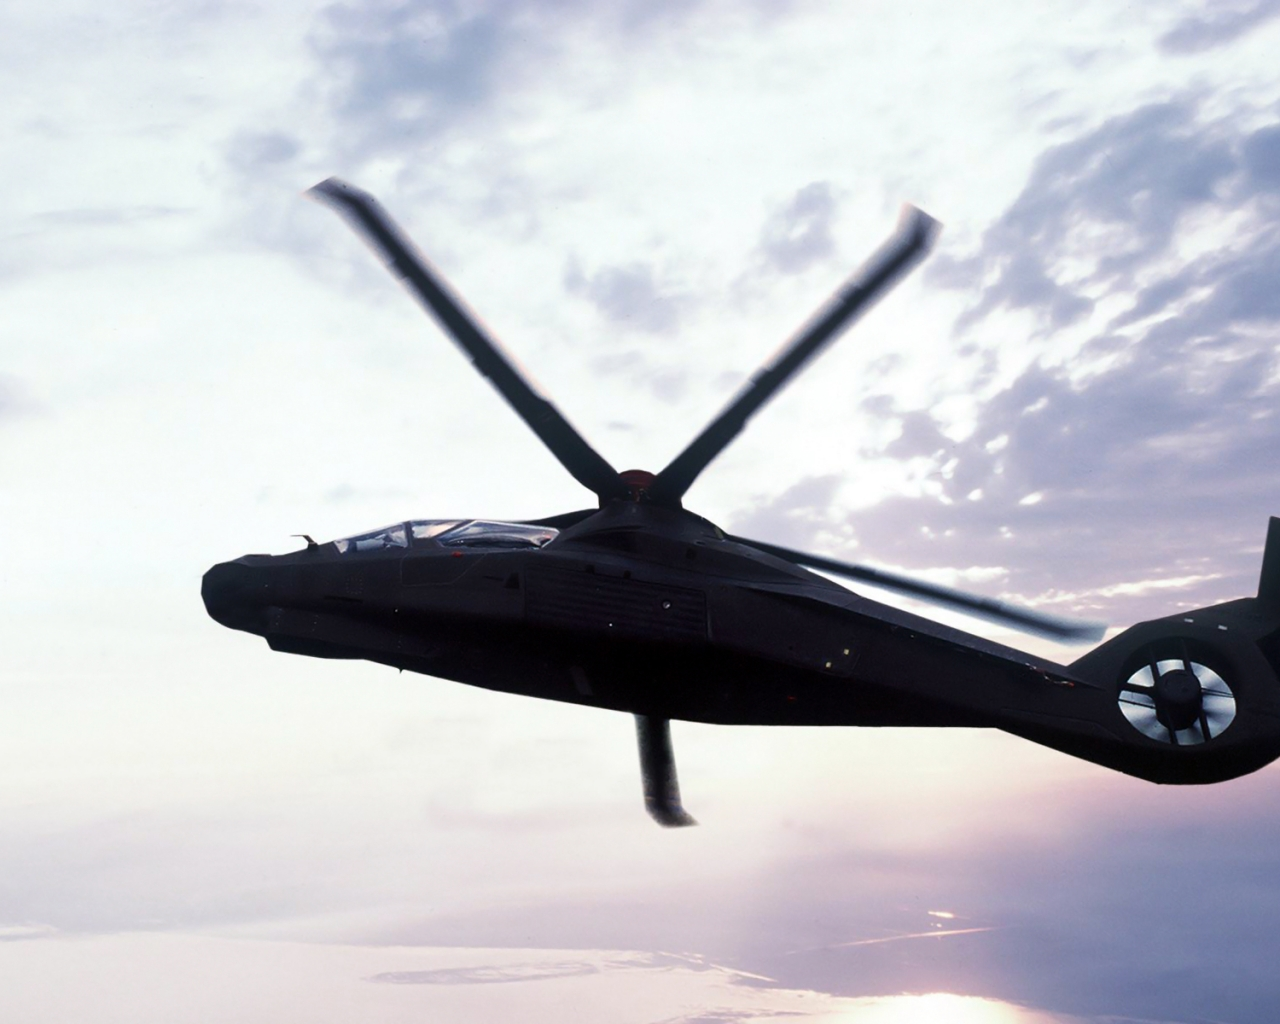 RAH-66 Comanche - 1280x1024